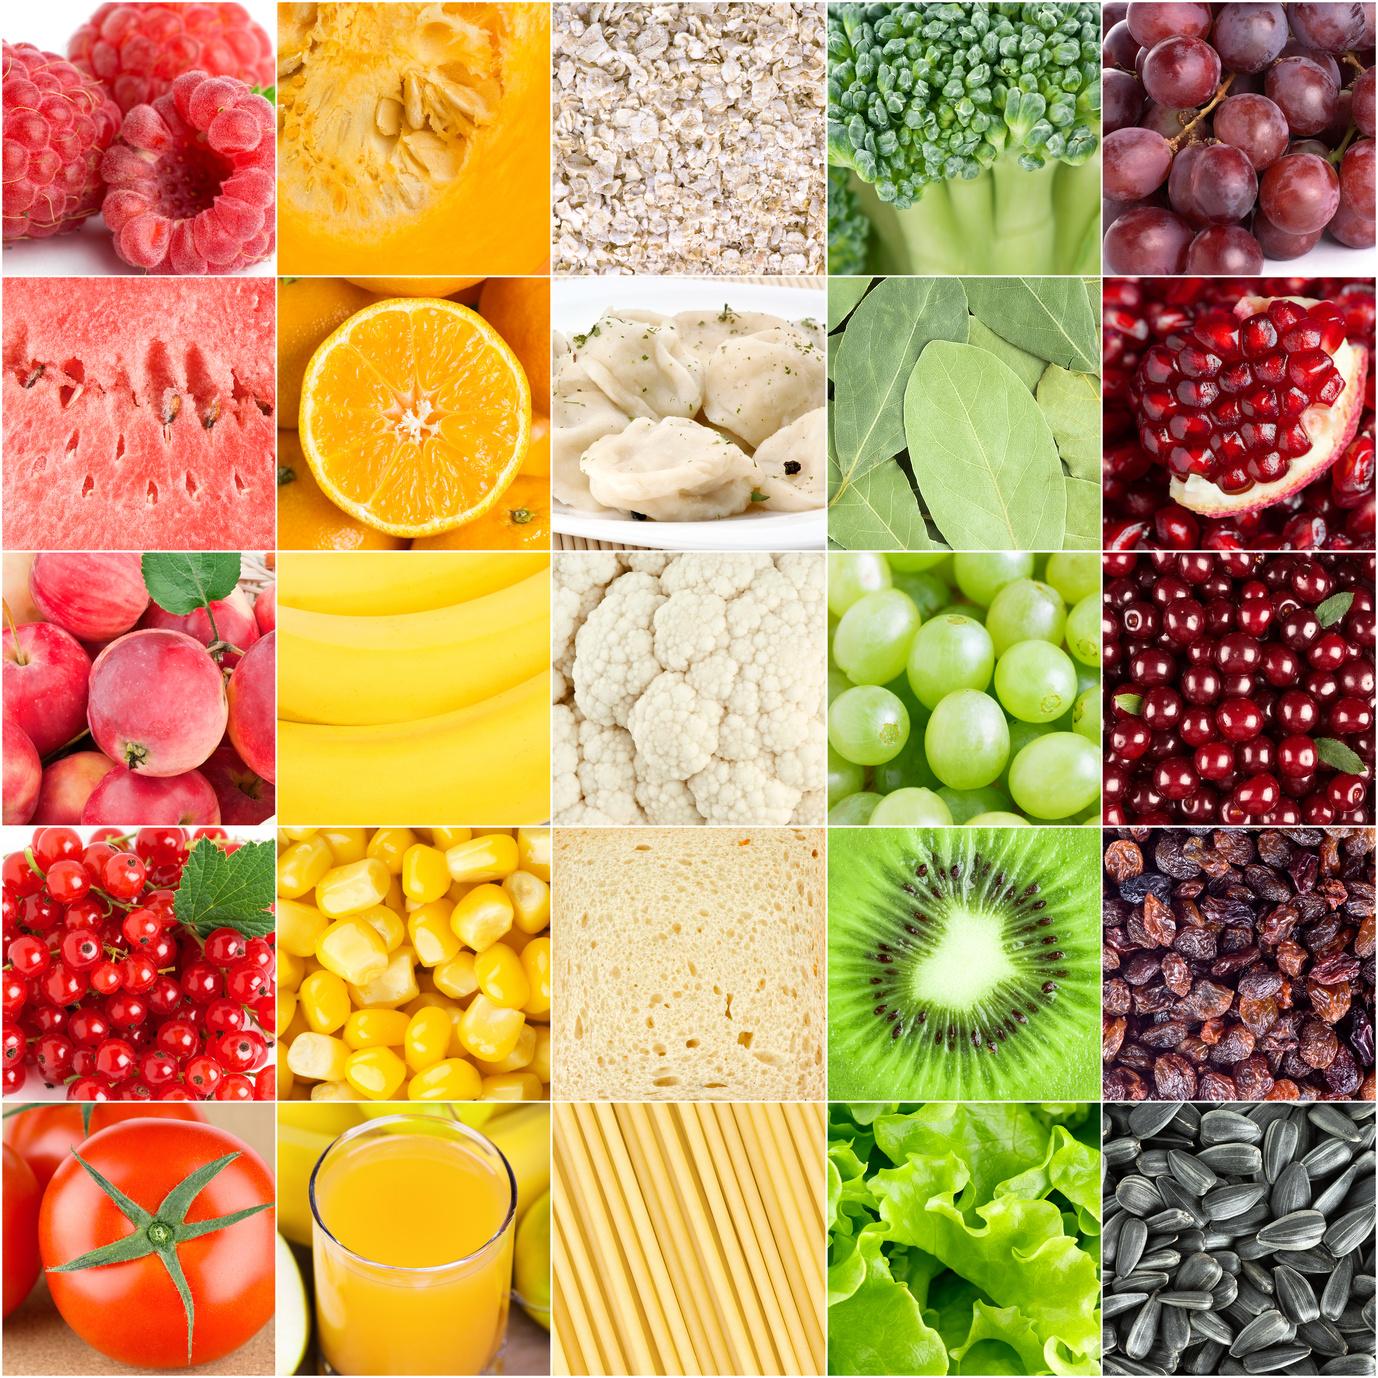 غذاهای مغذی رو حذف نکنید